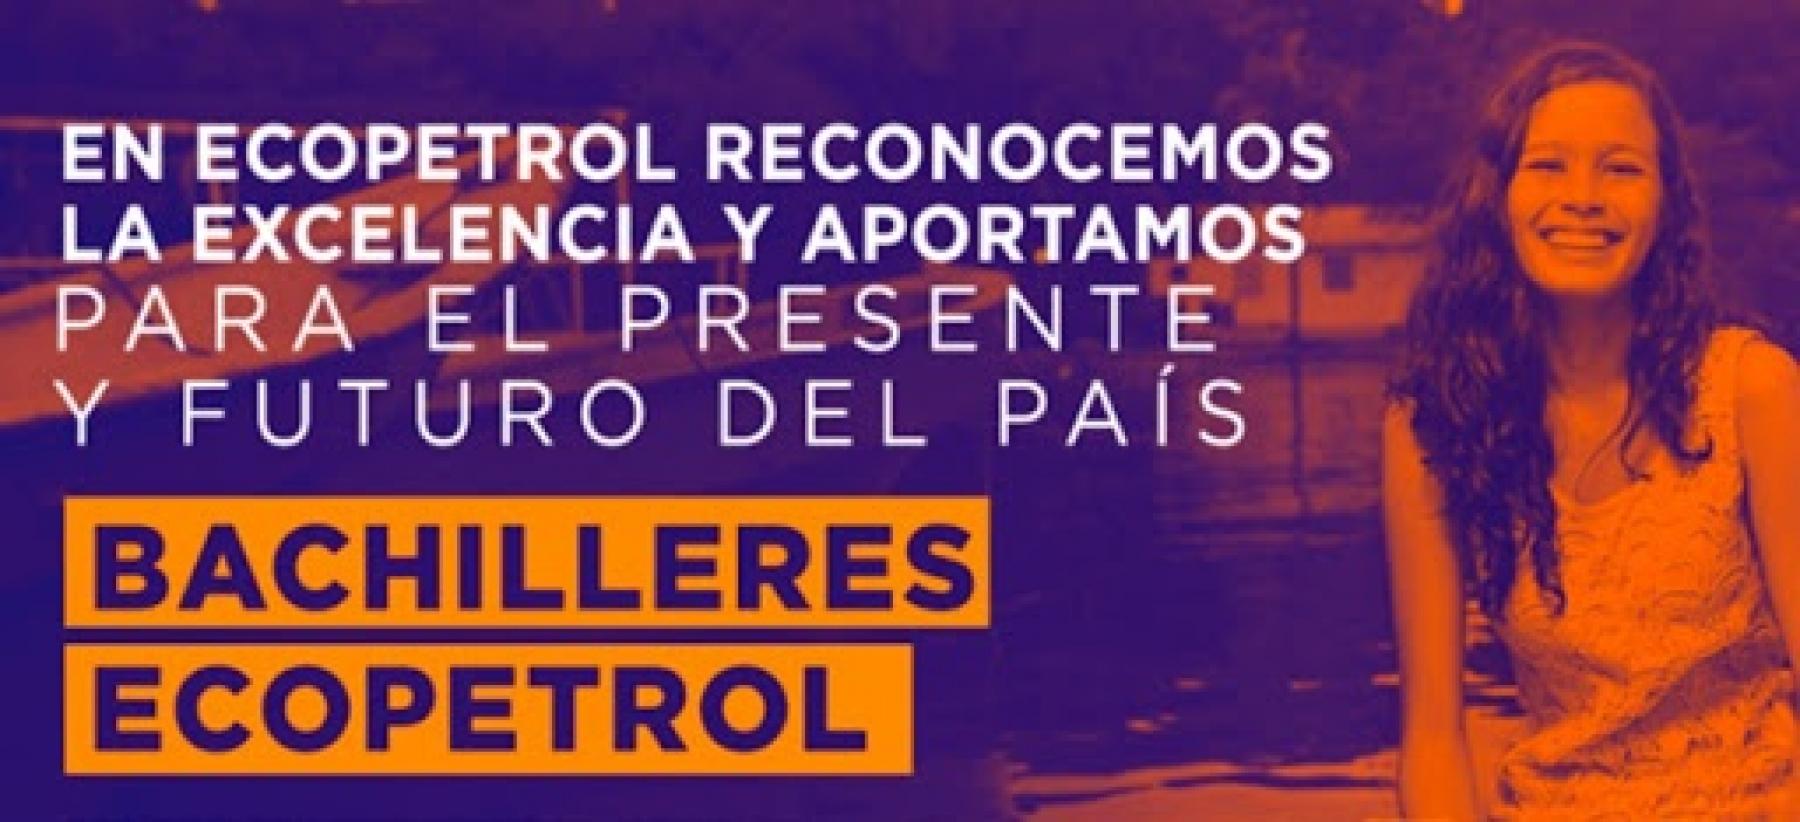 Ecopetrol entregó becas universitarias a los mejores bachilleres de Colombia  Noticias La Voz del Cinaruco